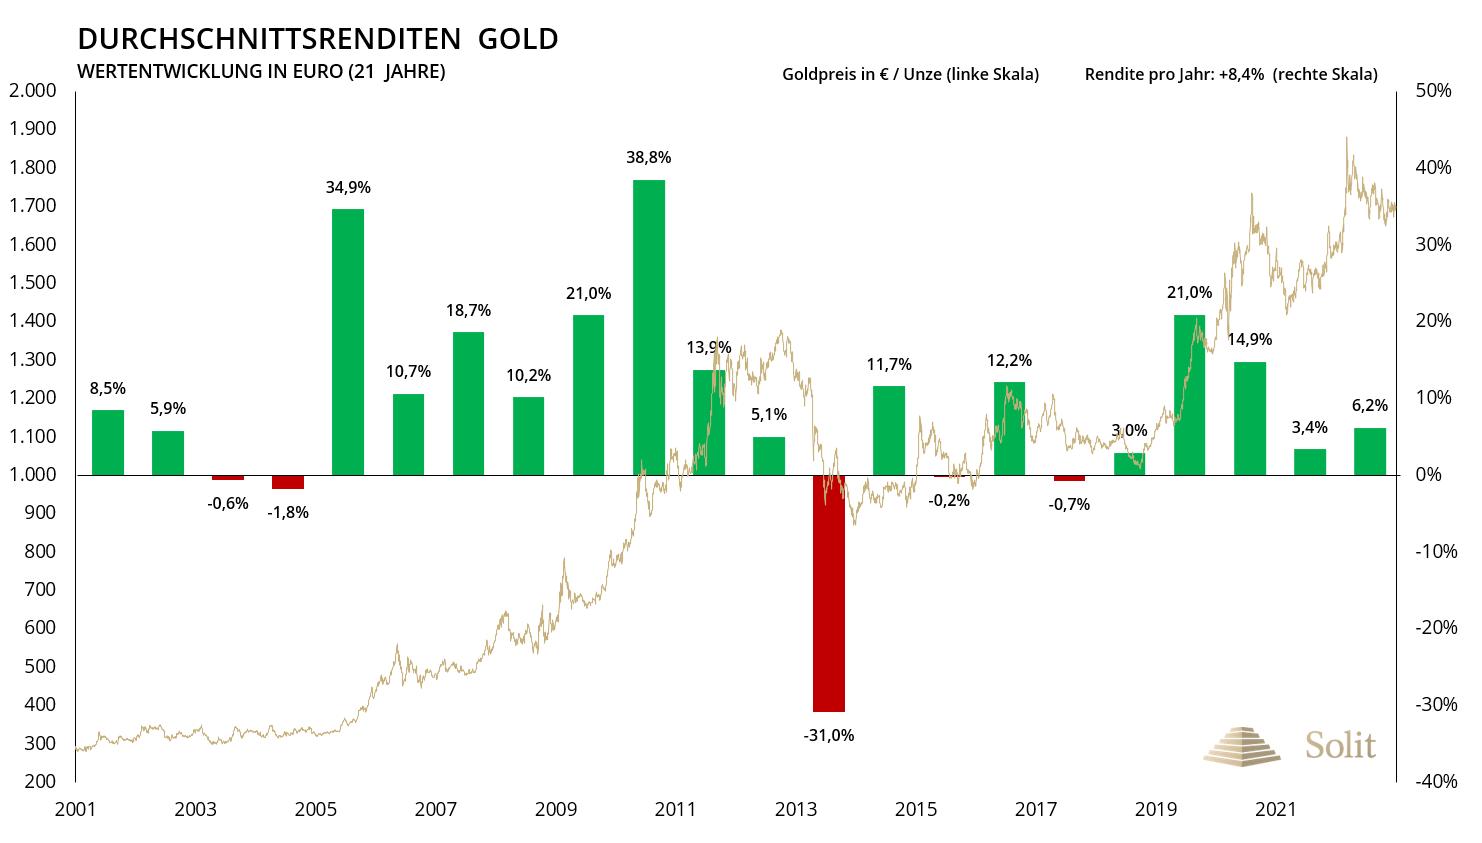 Durchschnittsrenditen Gold seit 2001